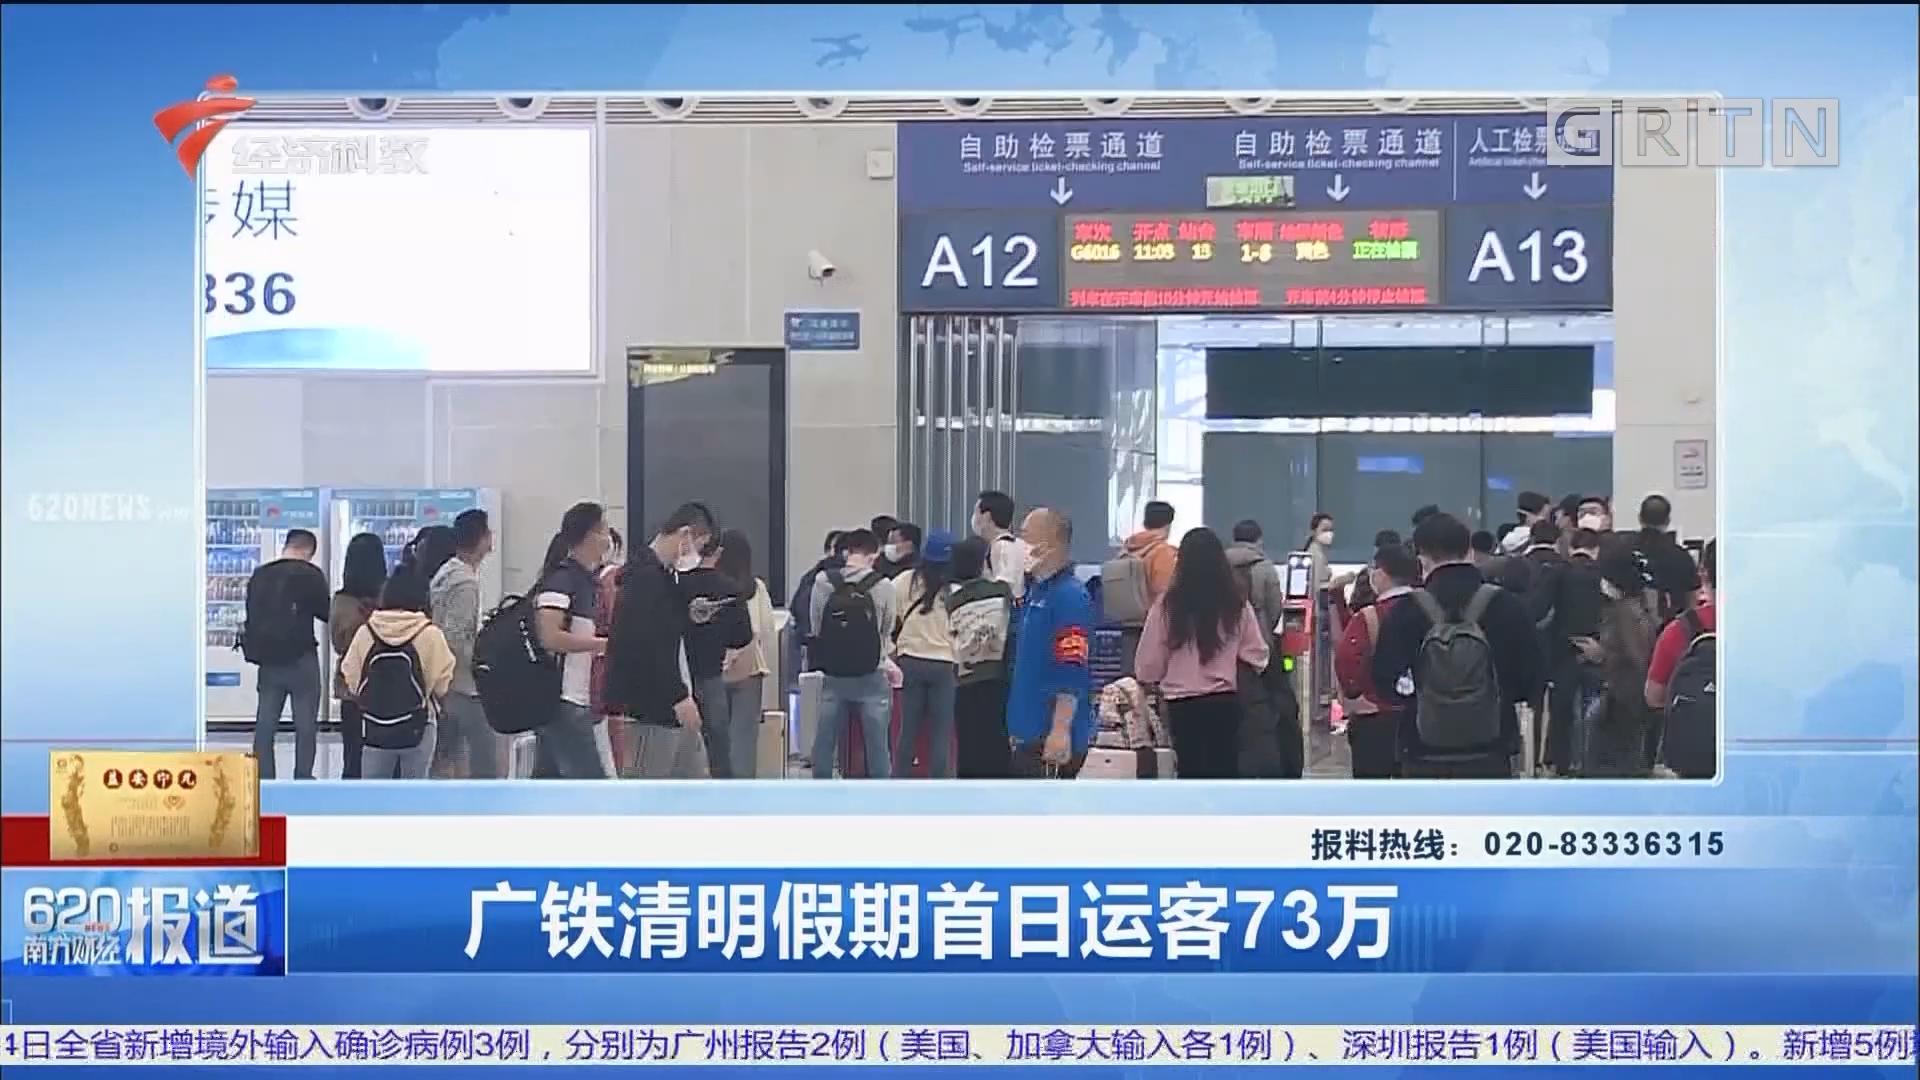 广铁清明假期首日运客73万